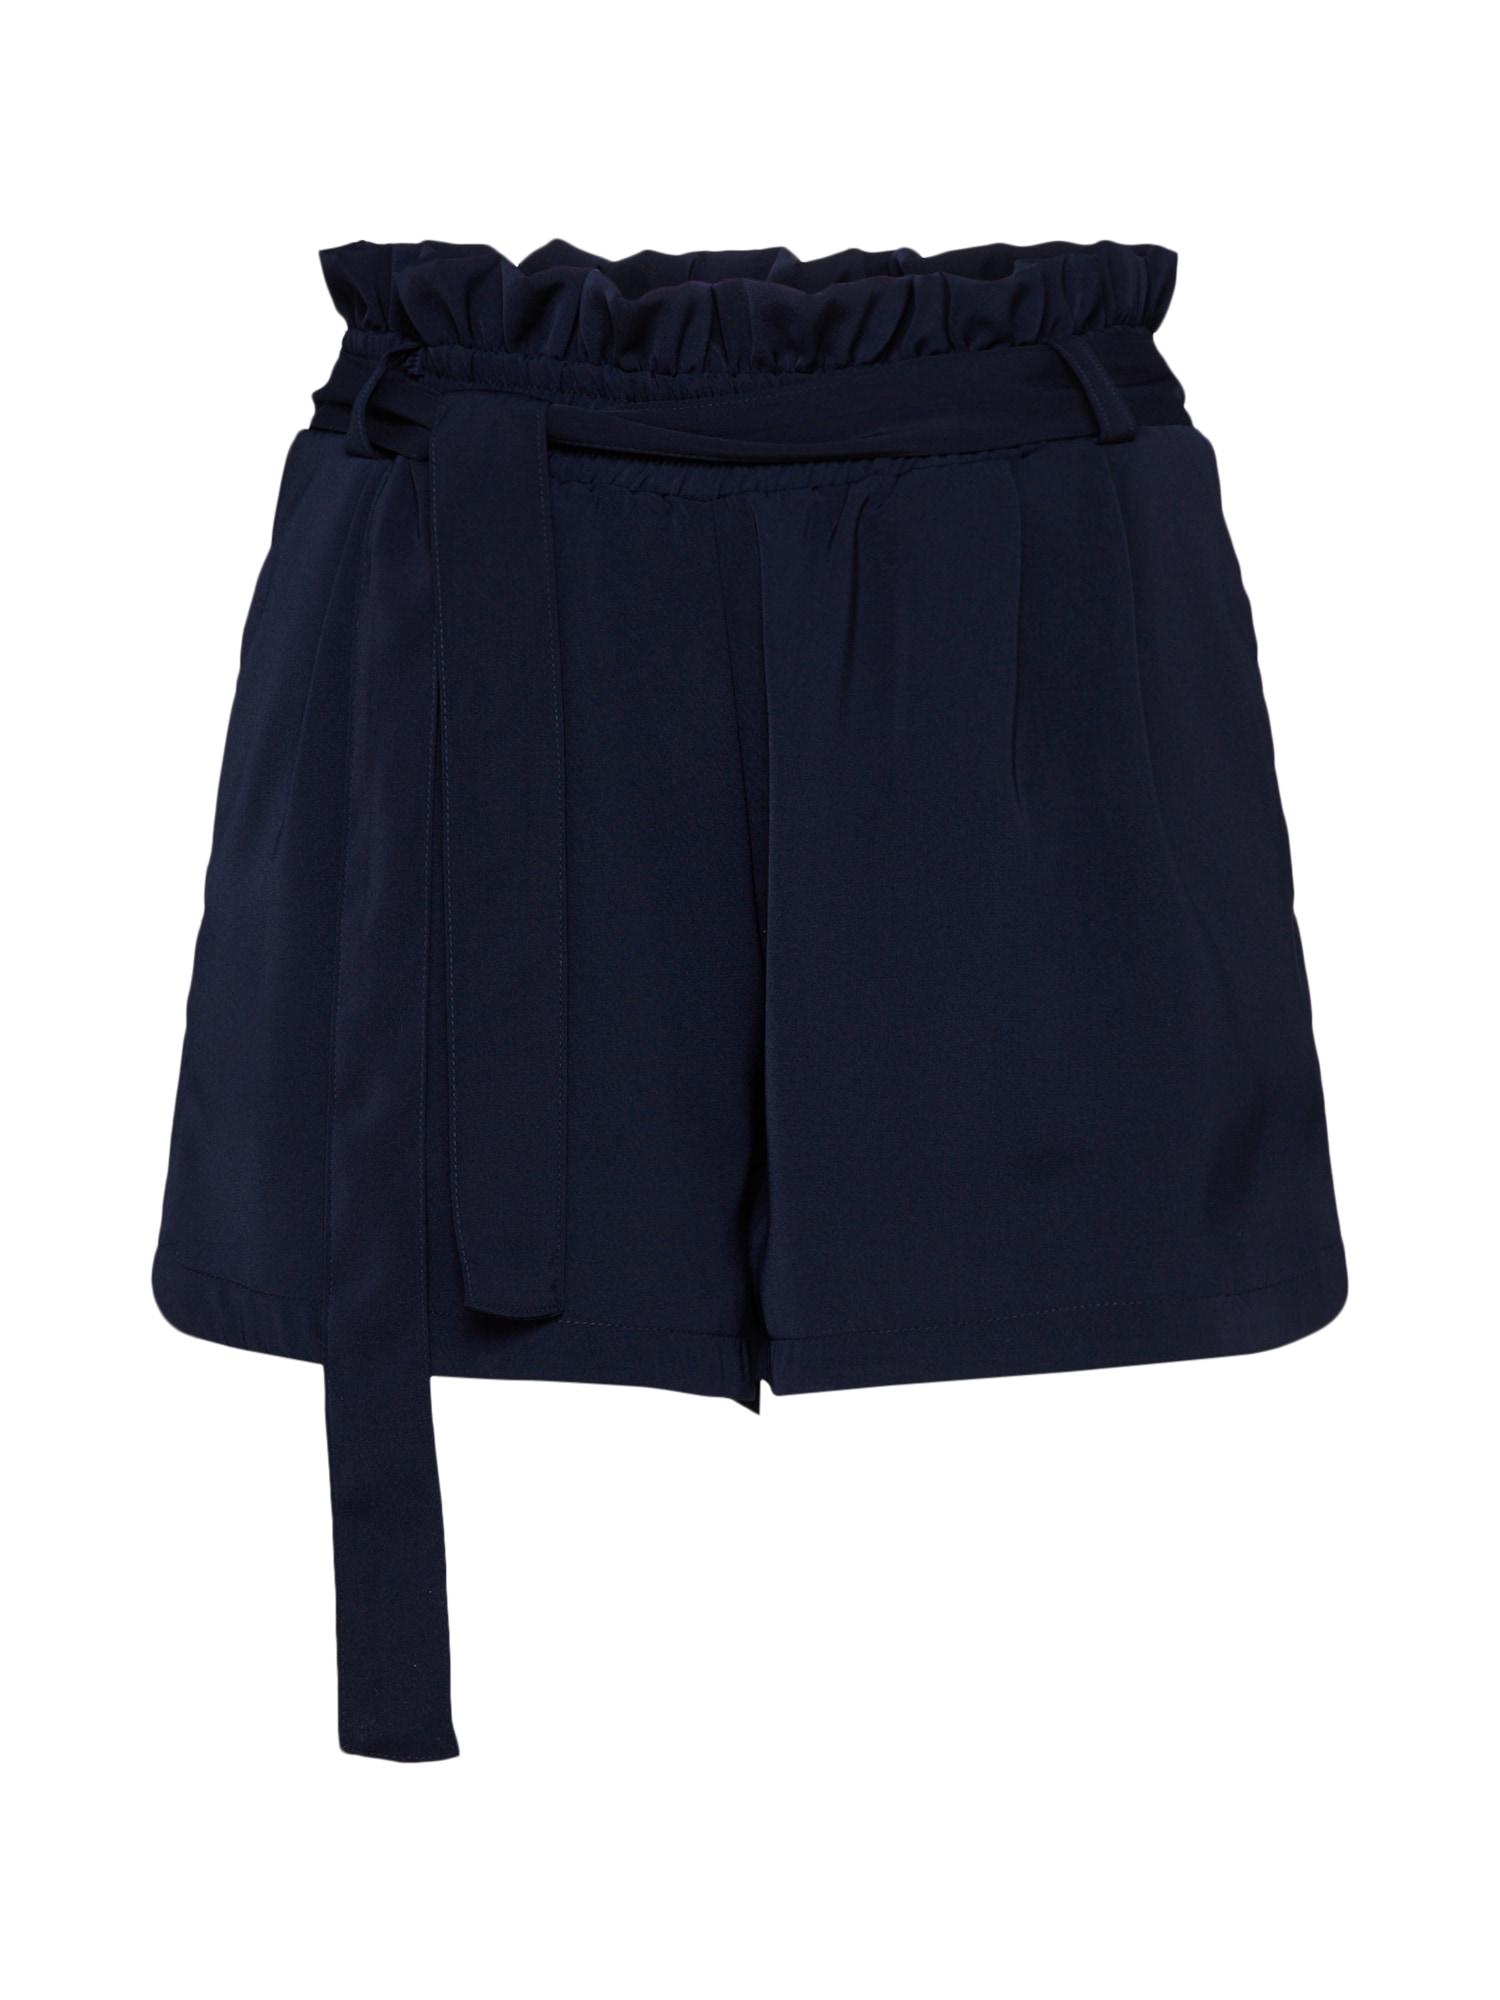 Kalhoty Dora námořnická modř Sparkz